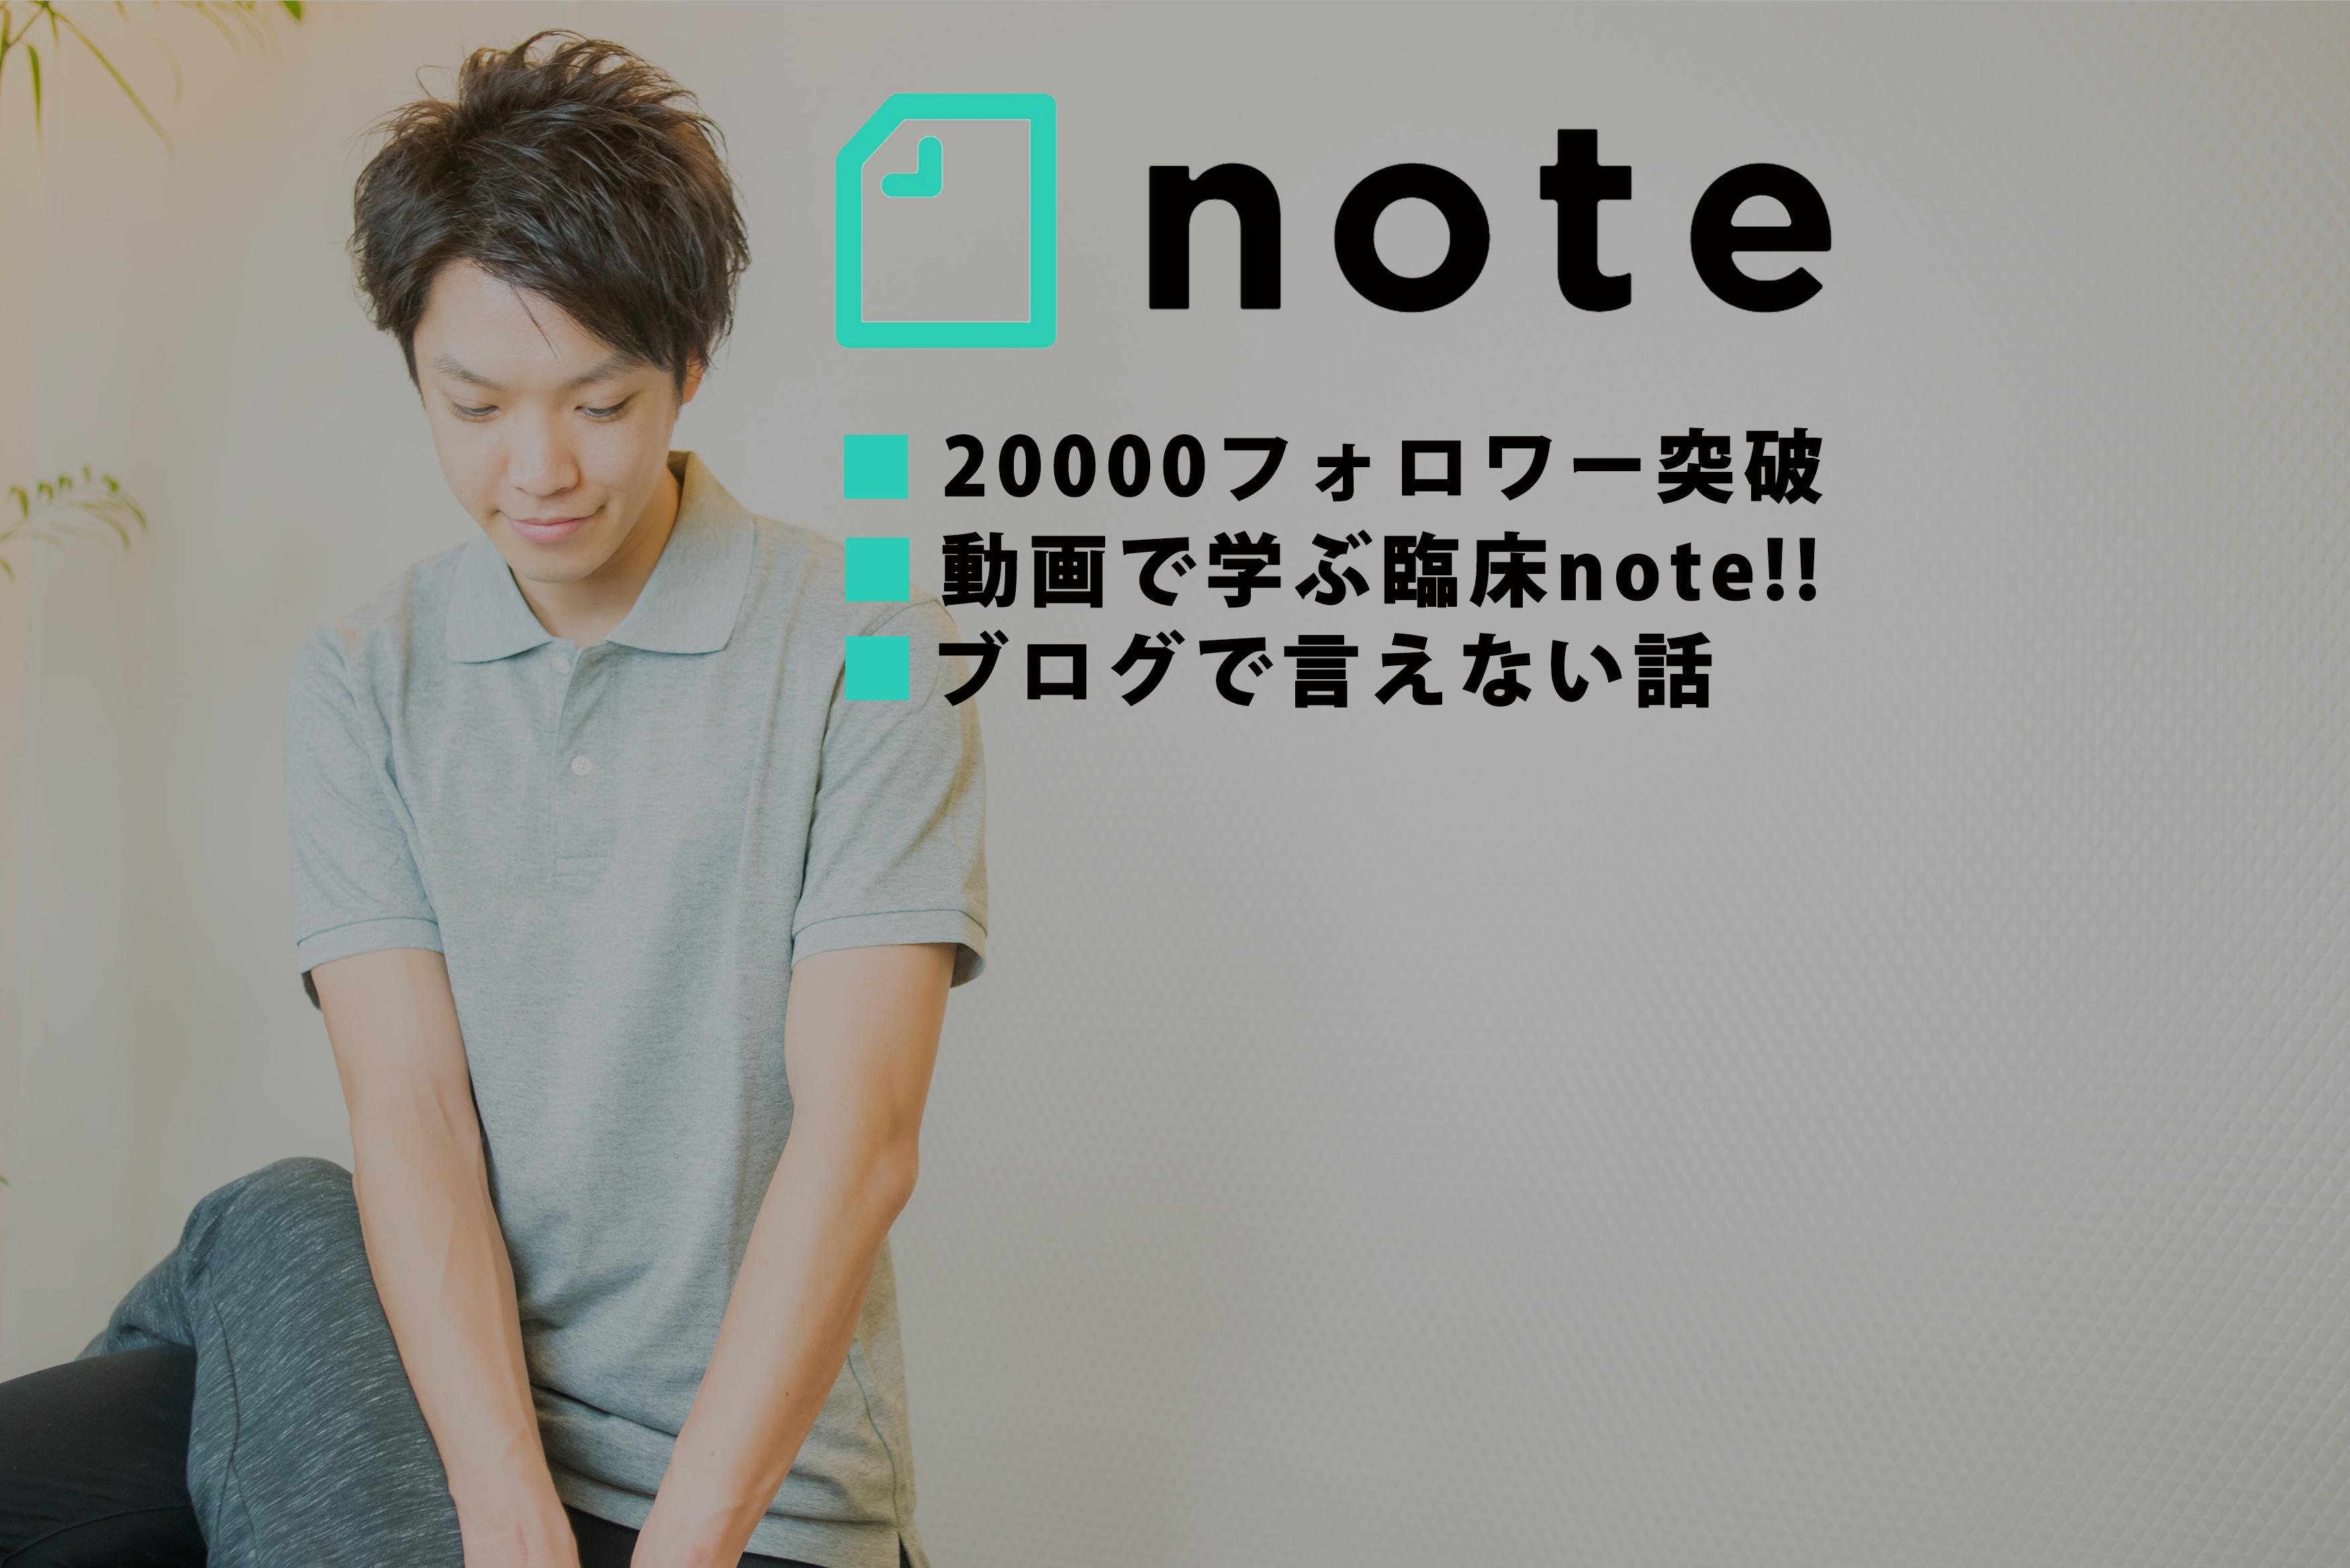 吉田の臨床note!!3万人フォロワー突破!動画・音声・文章でより深く学ぶ!